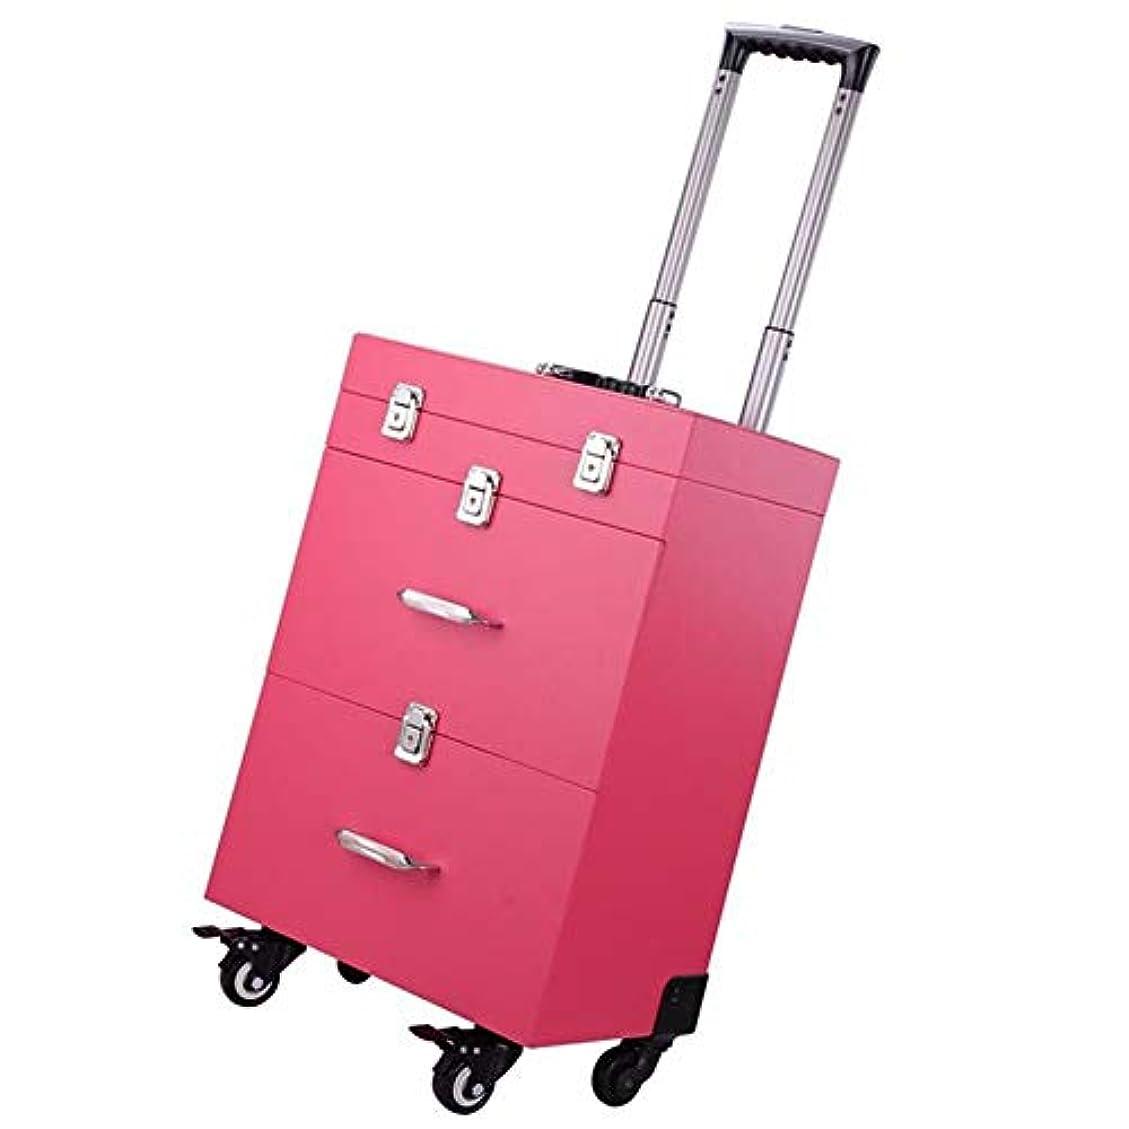 テクニカル三角形等ポータブルトロリー化粧品ケース、模造革多機能大容量、女性化粧美容マニキュア理髪収納ボックス旅行化粧品ケース